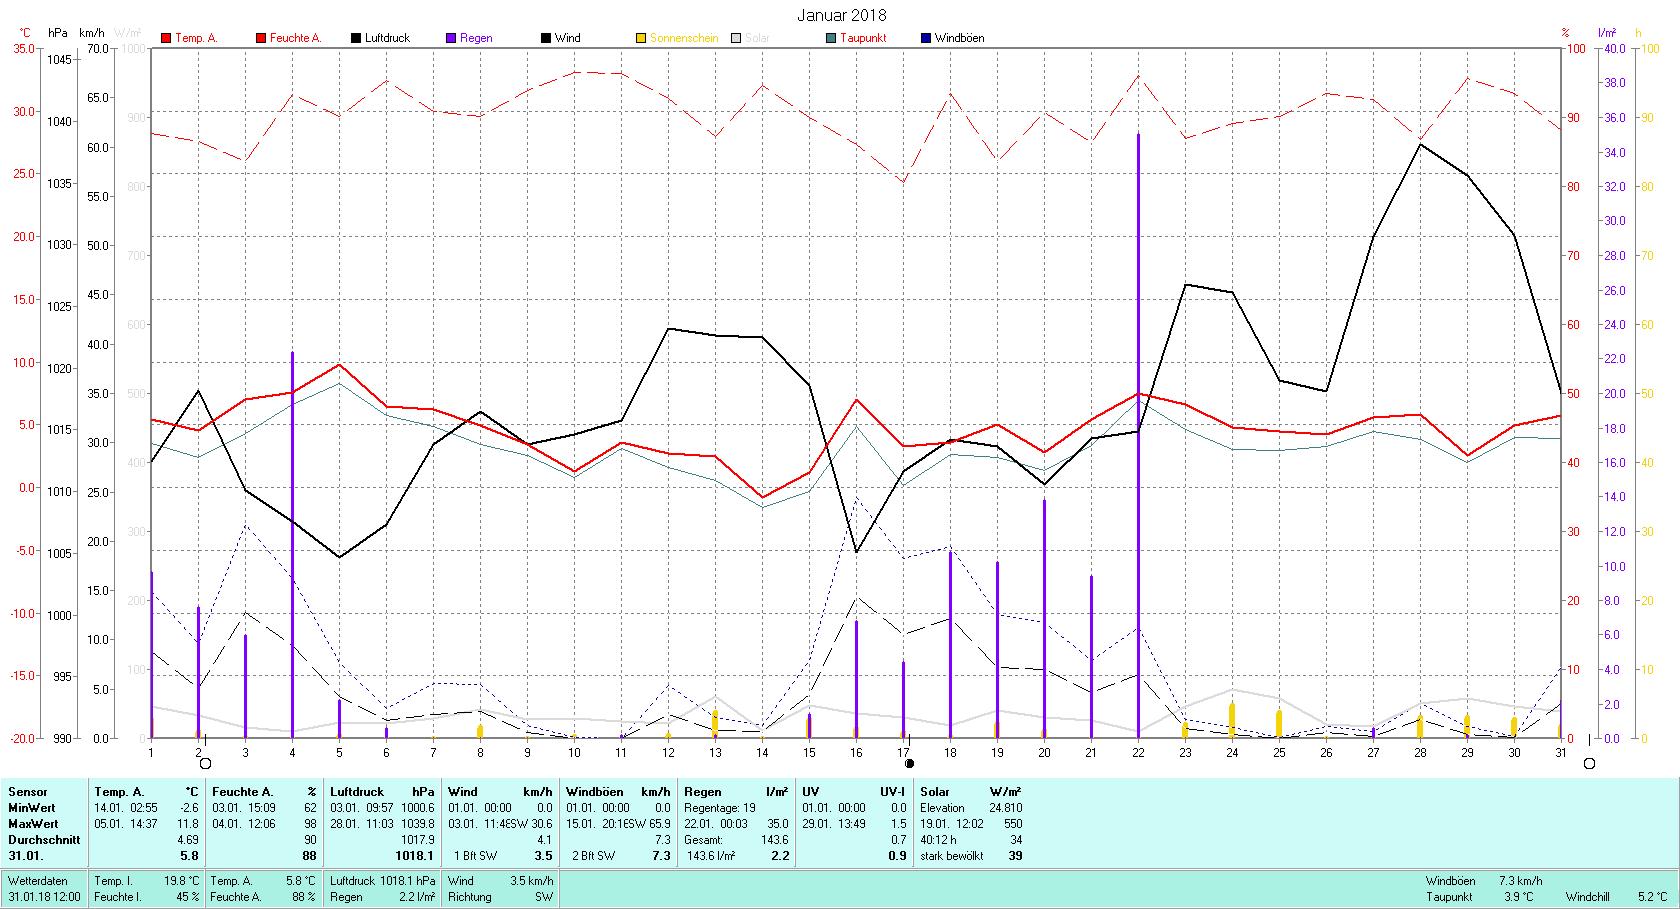 Januar 2018 Tmin -2.6°C, Tmax 11.8°C, Sonne 40:12 h, Niederschlag 143.6mm/2